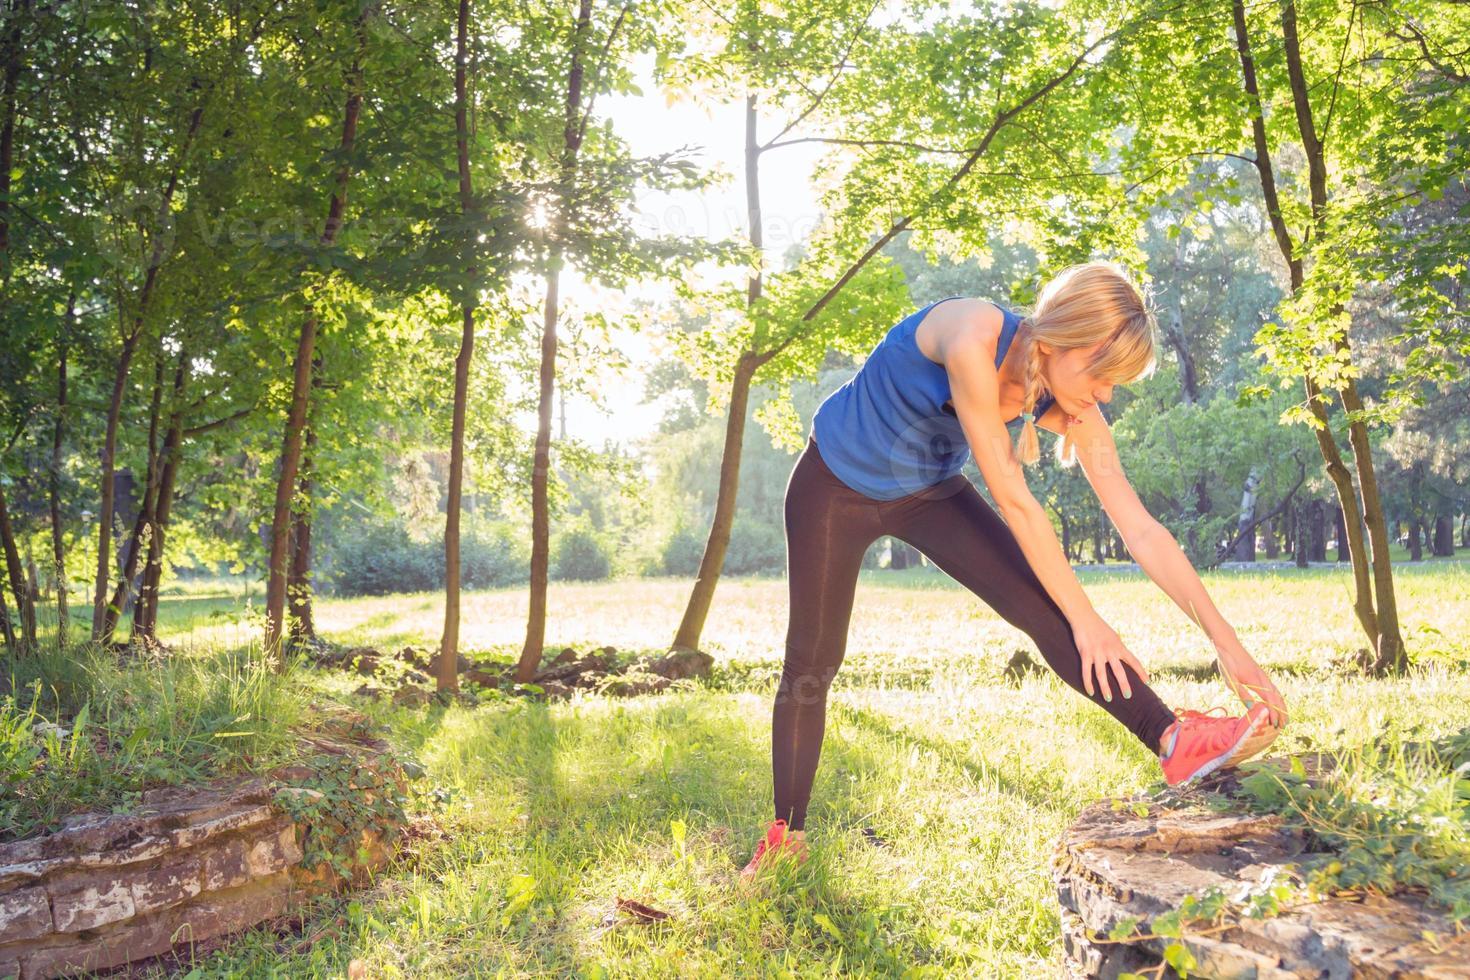 estiramientos después del ejercicio / trotar en el parque. foto